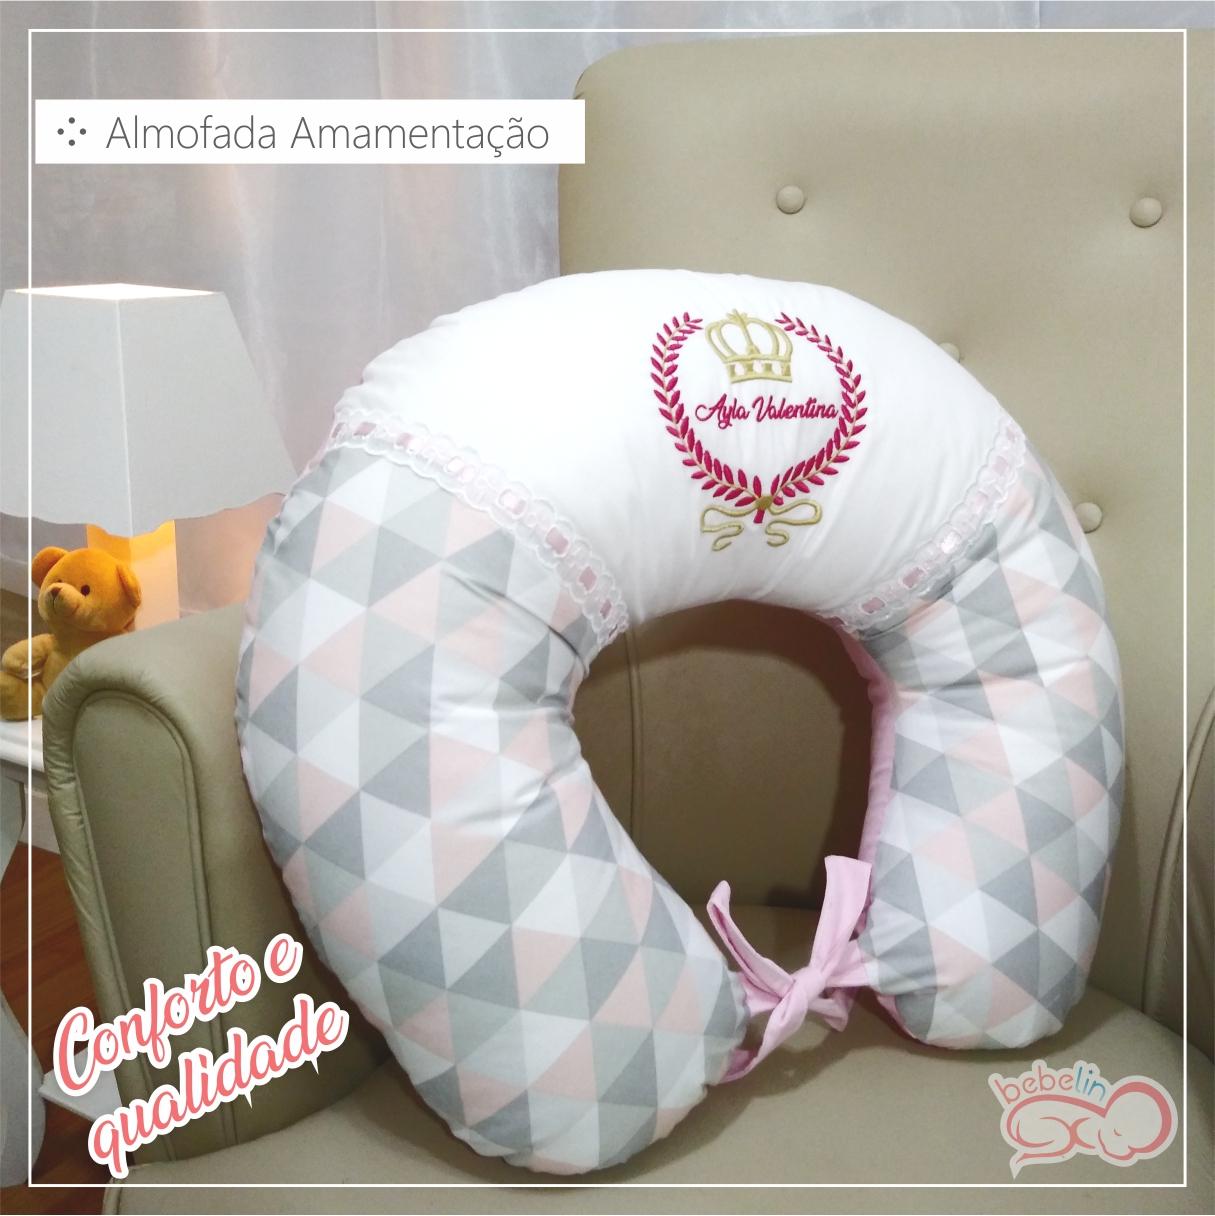 9718212fb Almofada de Amamentação Rosa Com Estampa Triangular - Bebelin ...